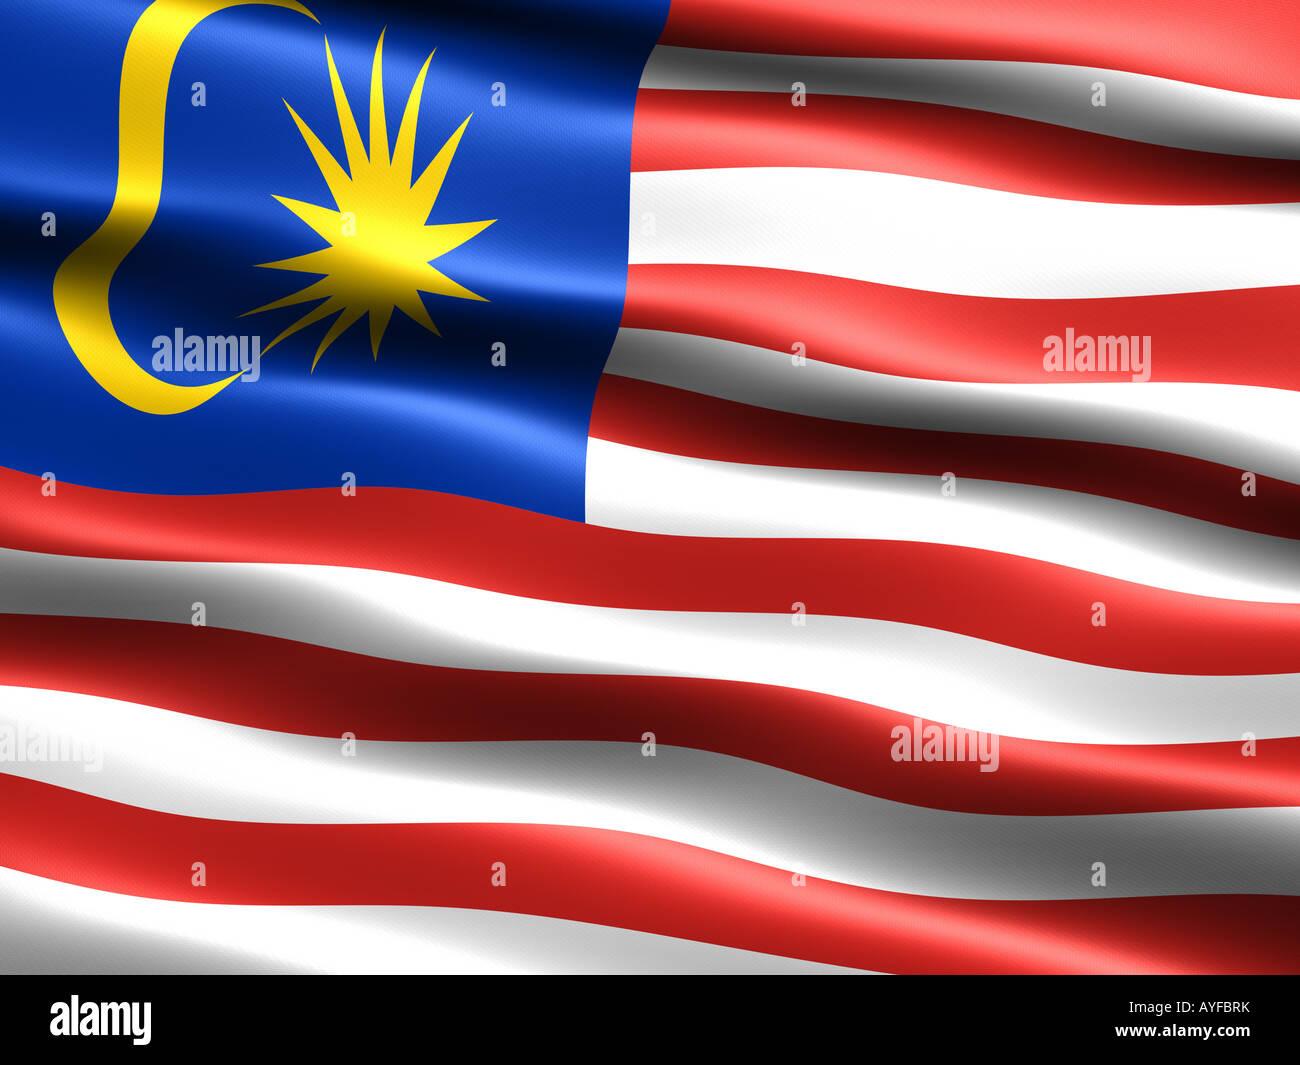 Malaysia Appearance